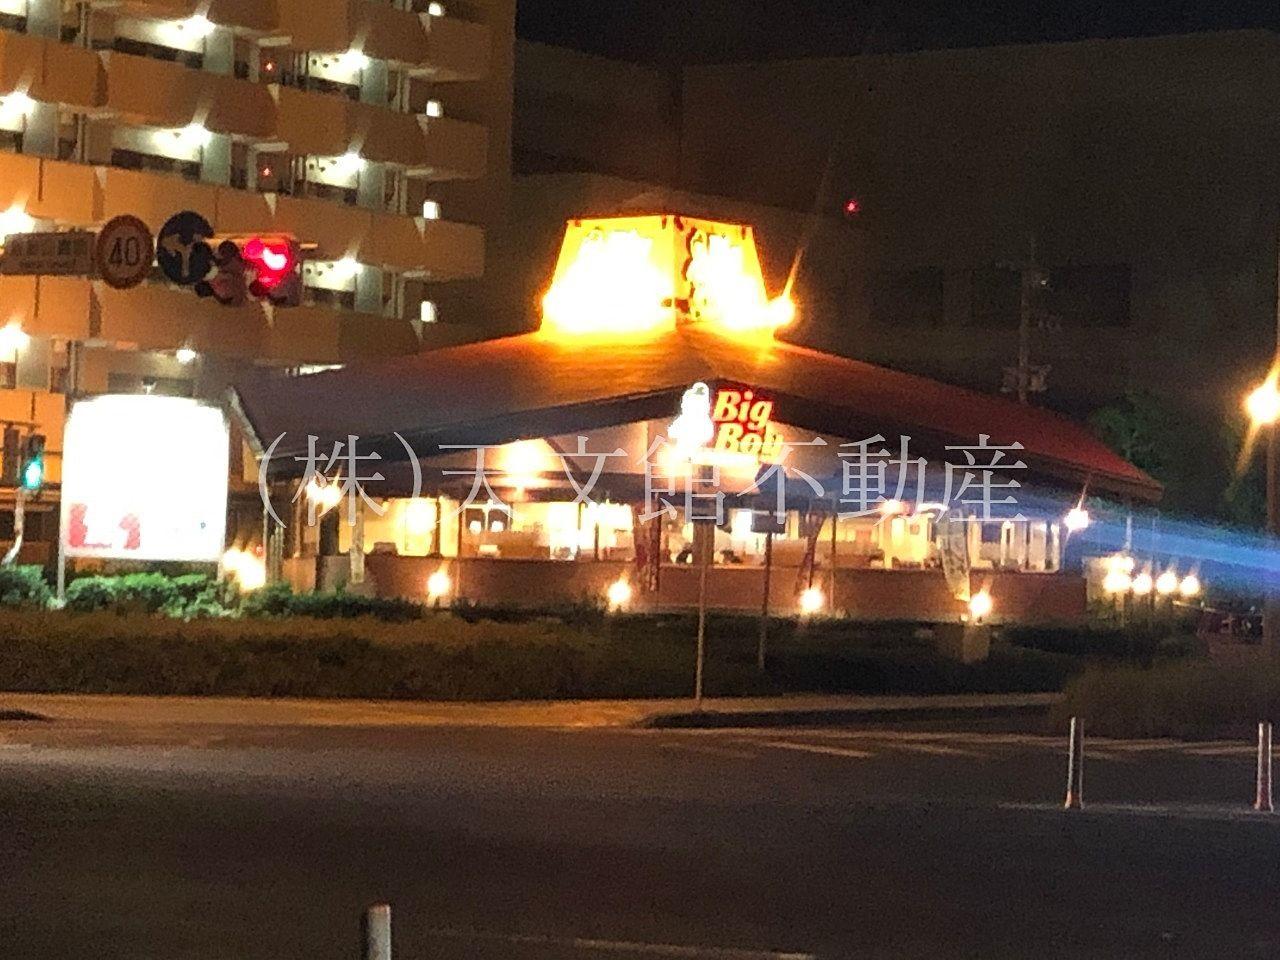 鹿児島市鴨池 ビッグボーイ 鴨池店の外観 おすすめランチスポットです。